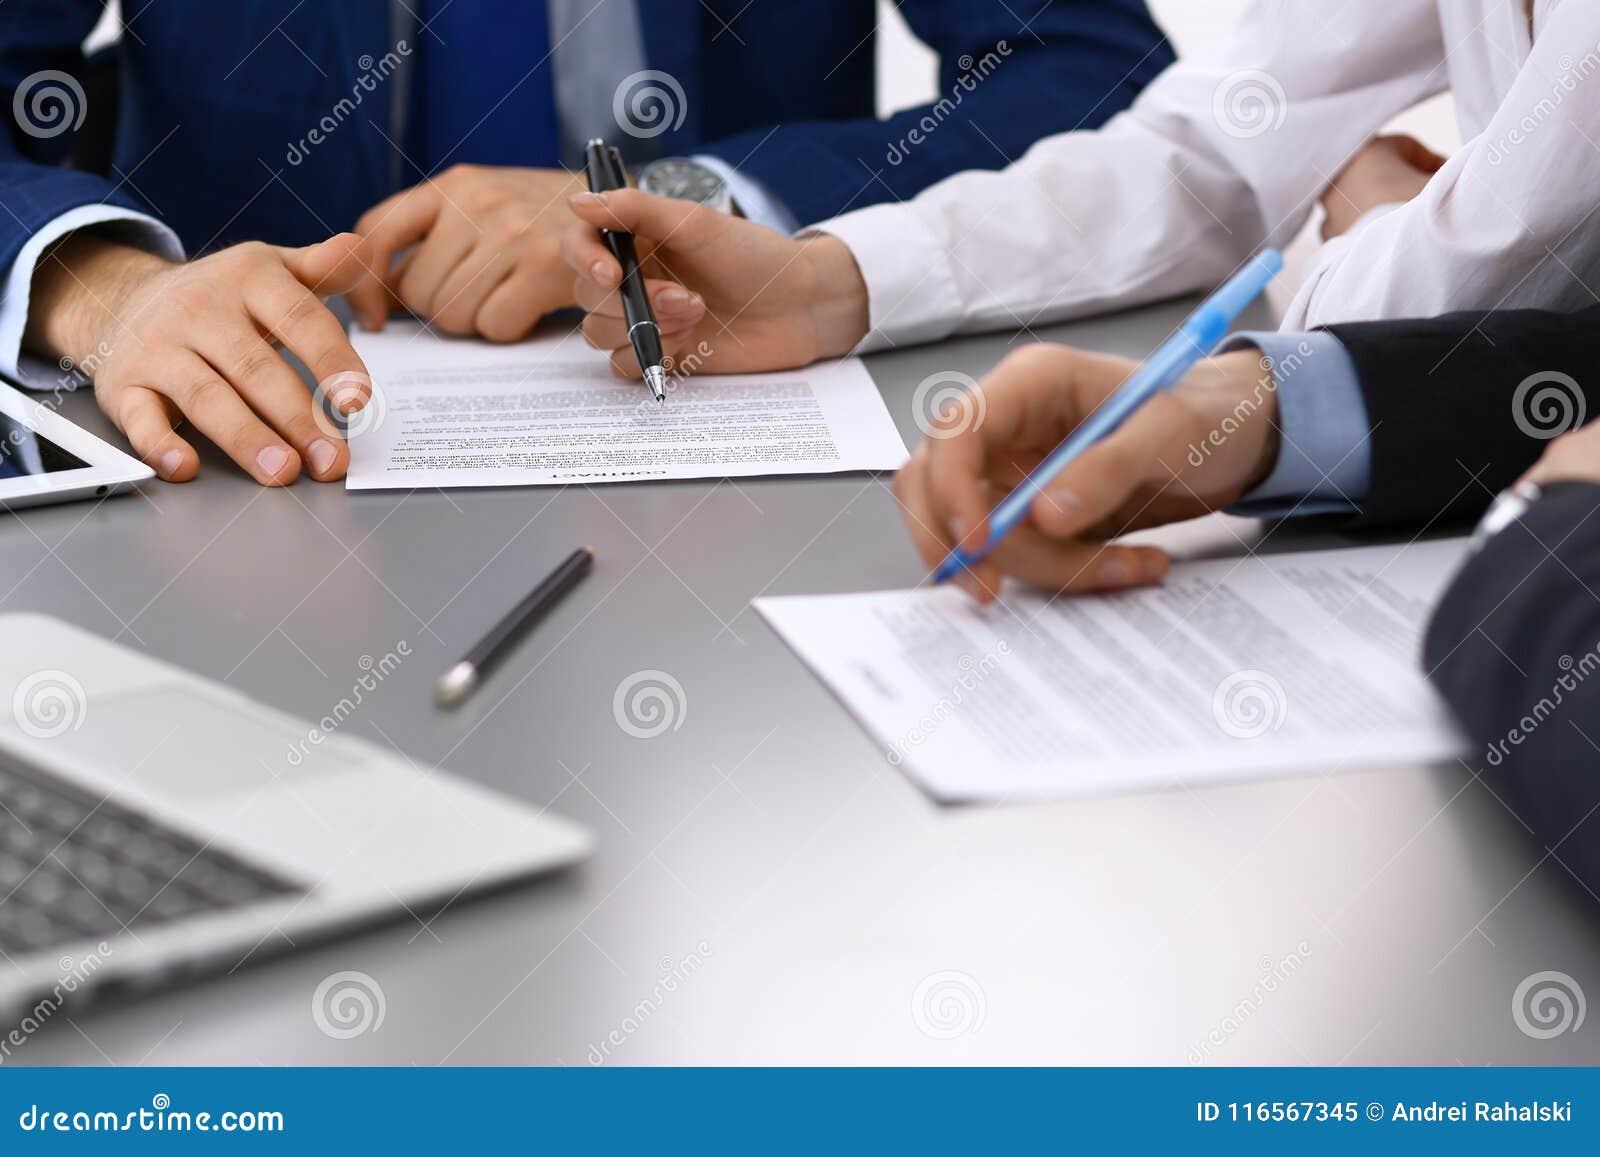 Gruppe von den Geschäftsleuten und von Rechtsanwalt, die Vertrag besprechen, tapeziert das Sitzen am Tisch, Nahaufnahme Geschäfts